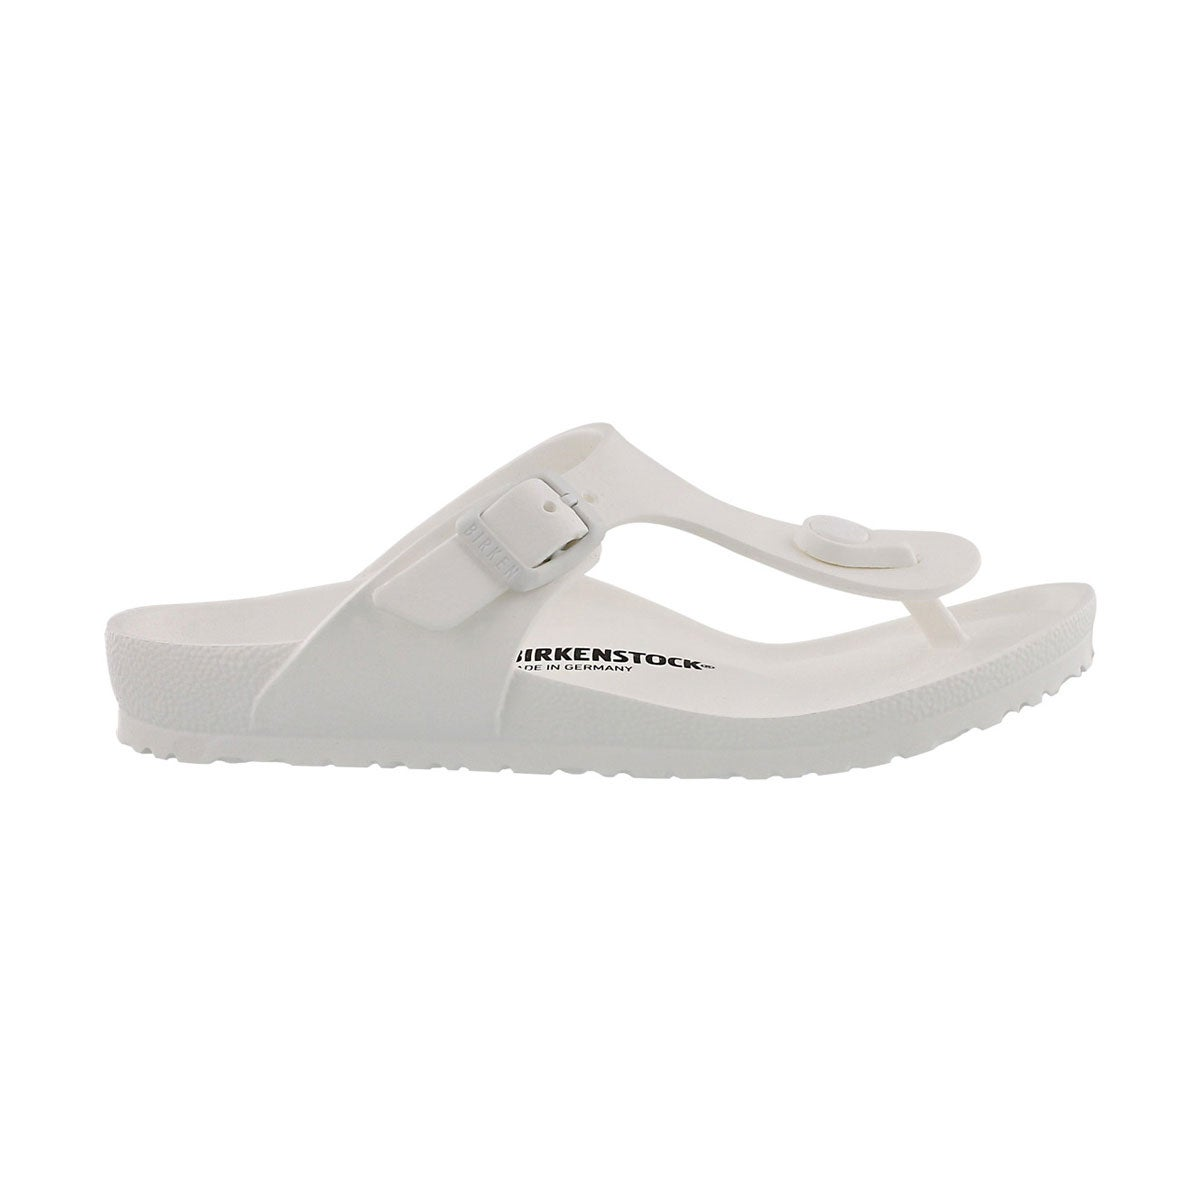 Grls Gizeh EVA white thong sandal